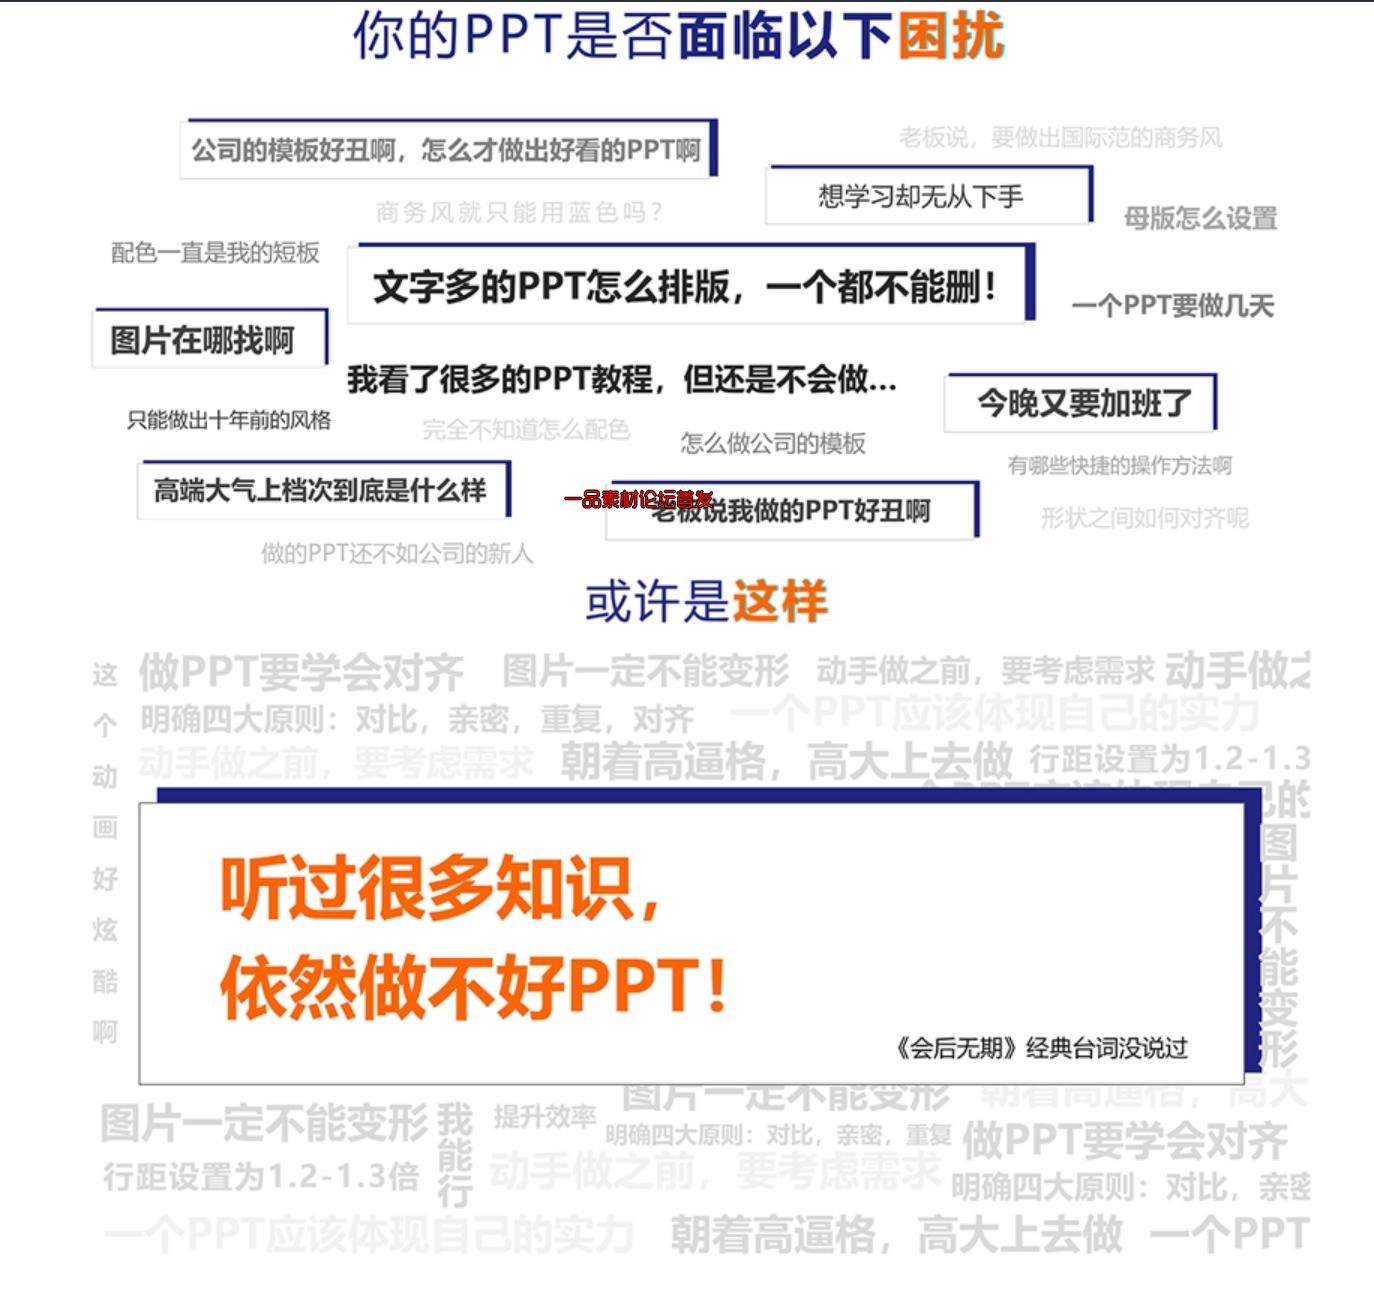 QQ拼音截图20190319164018.png